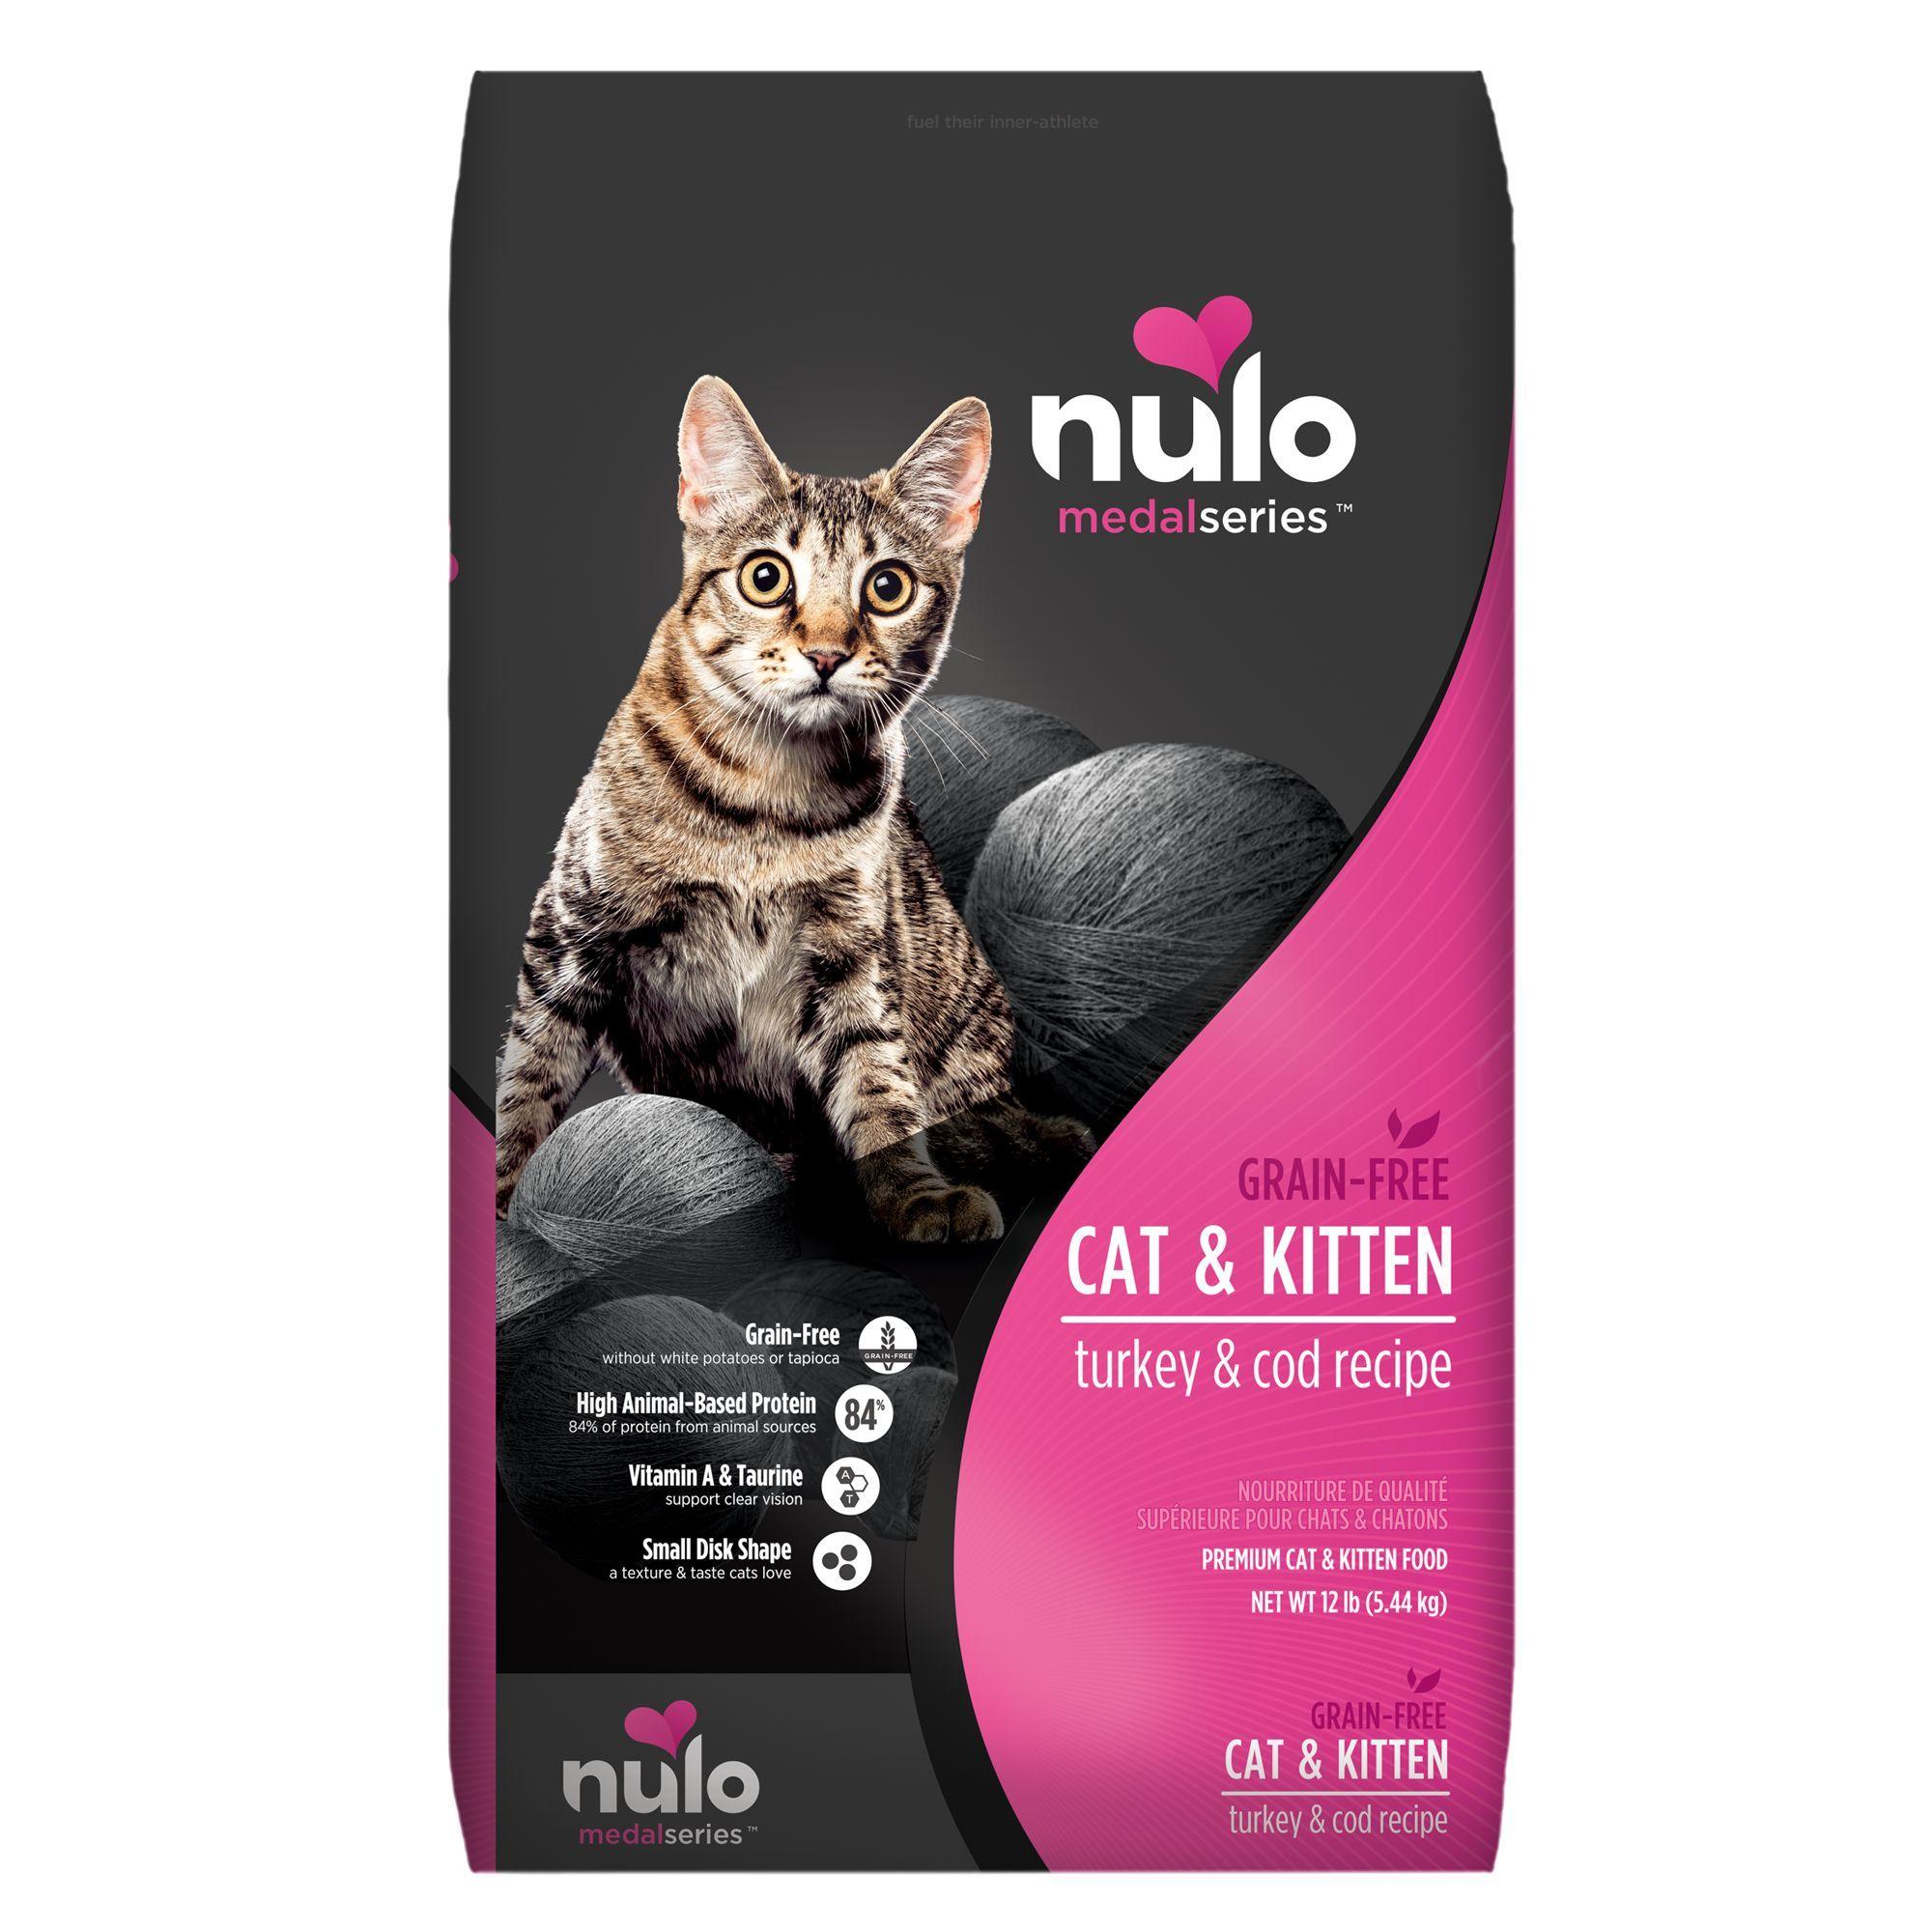 Nulo Medalseries Cat Kitten Food Grain Free Turkey Cod In 2020 Kitten Food Grain Foods Best Cat Food